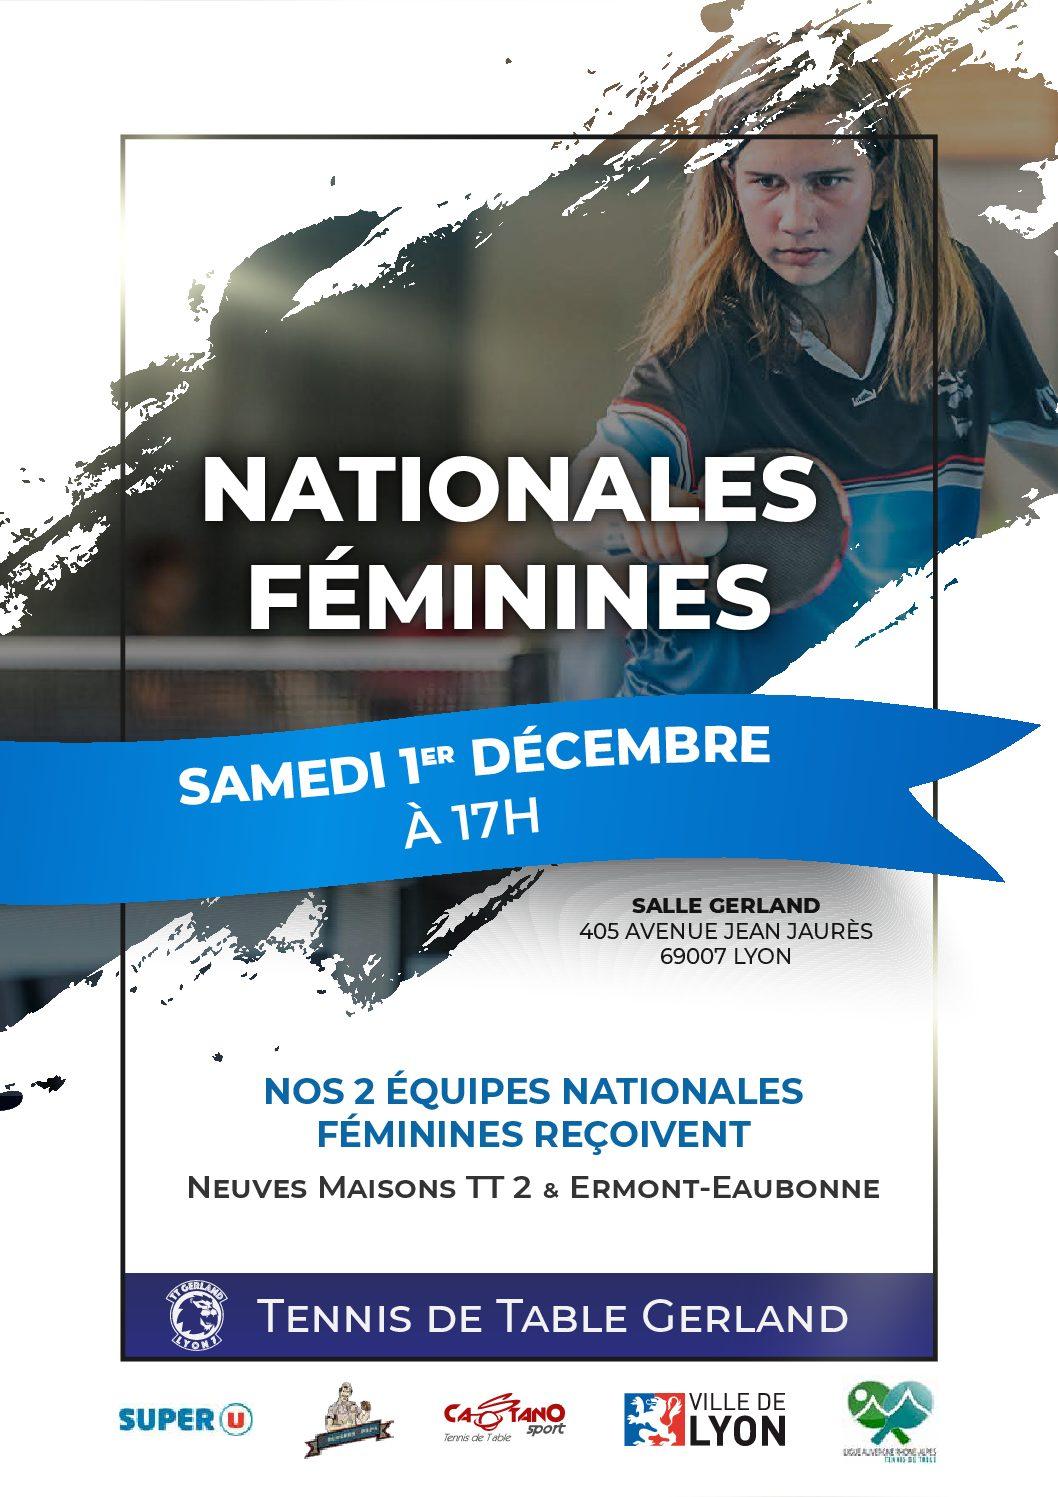 Nationales Féminines 1/12 à Gerland